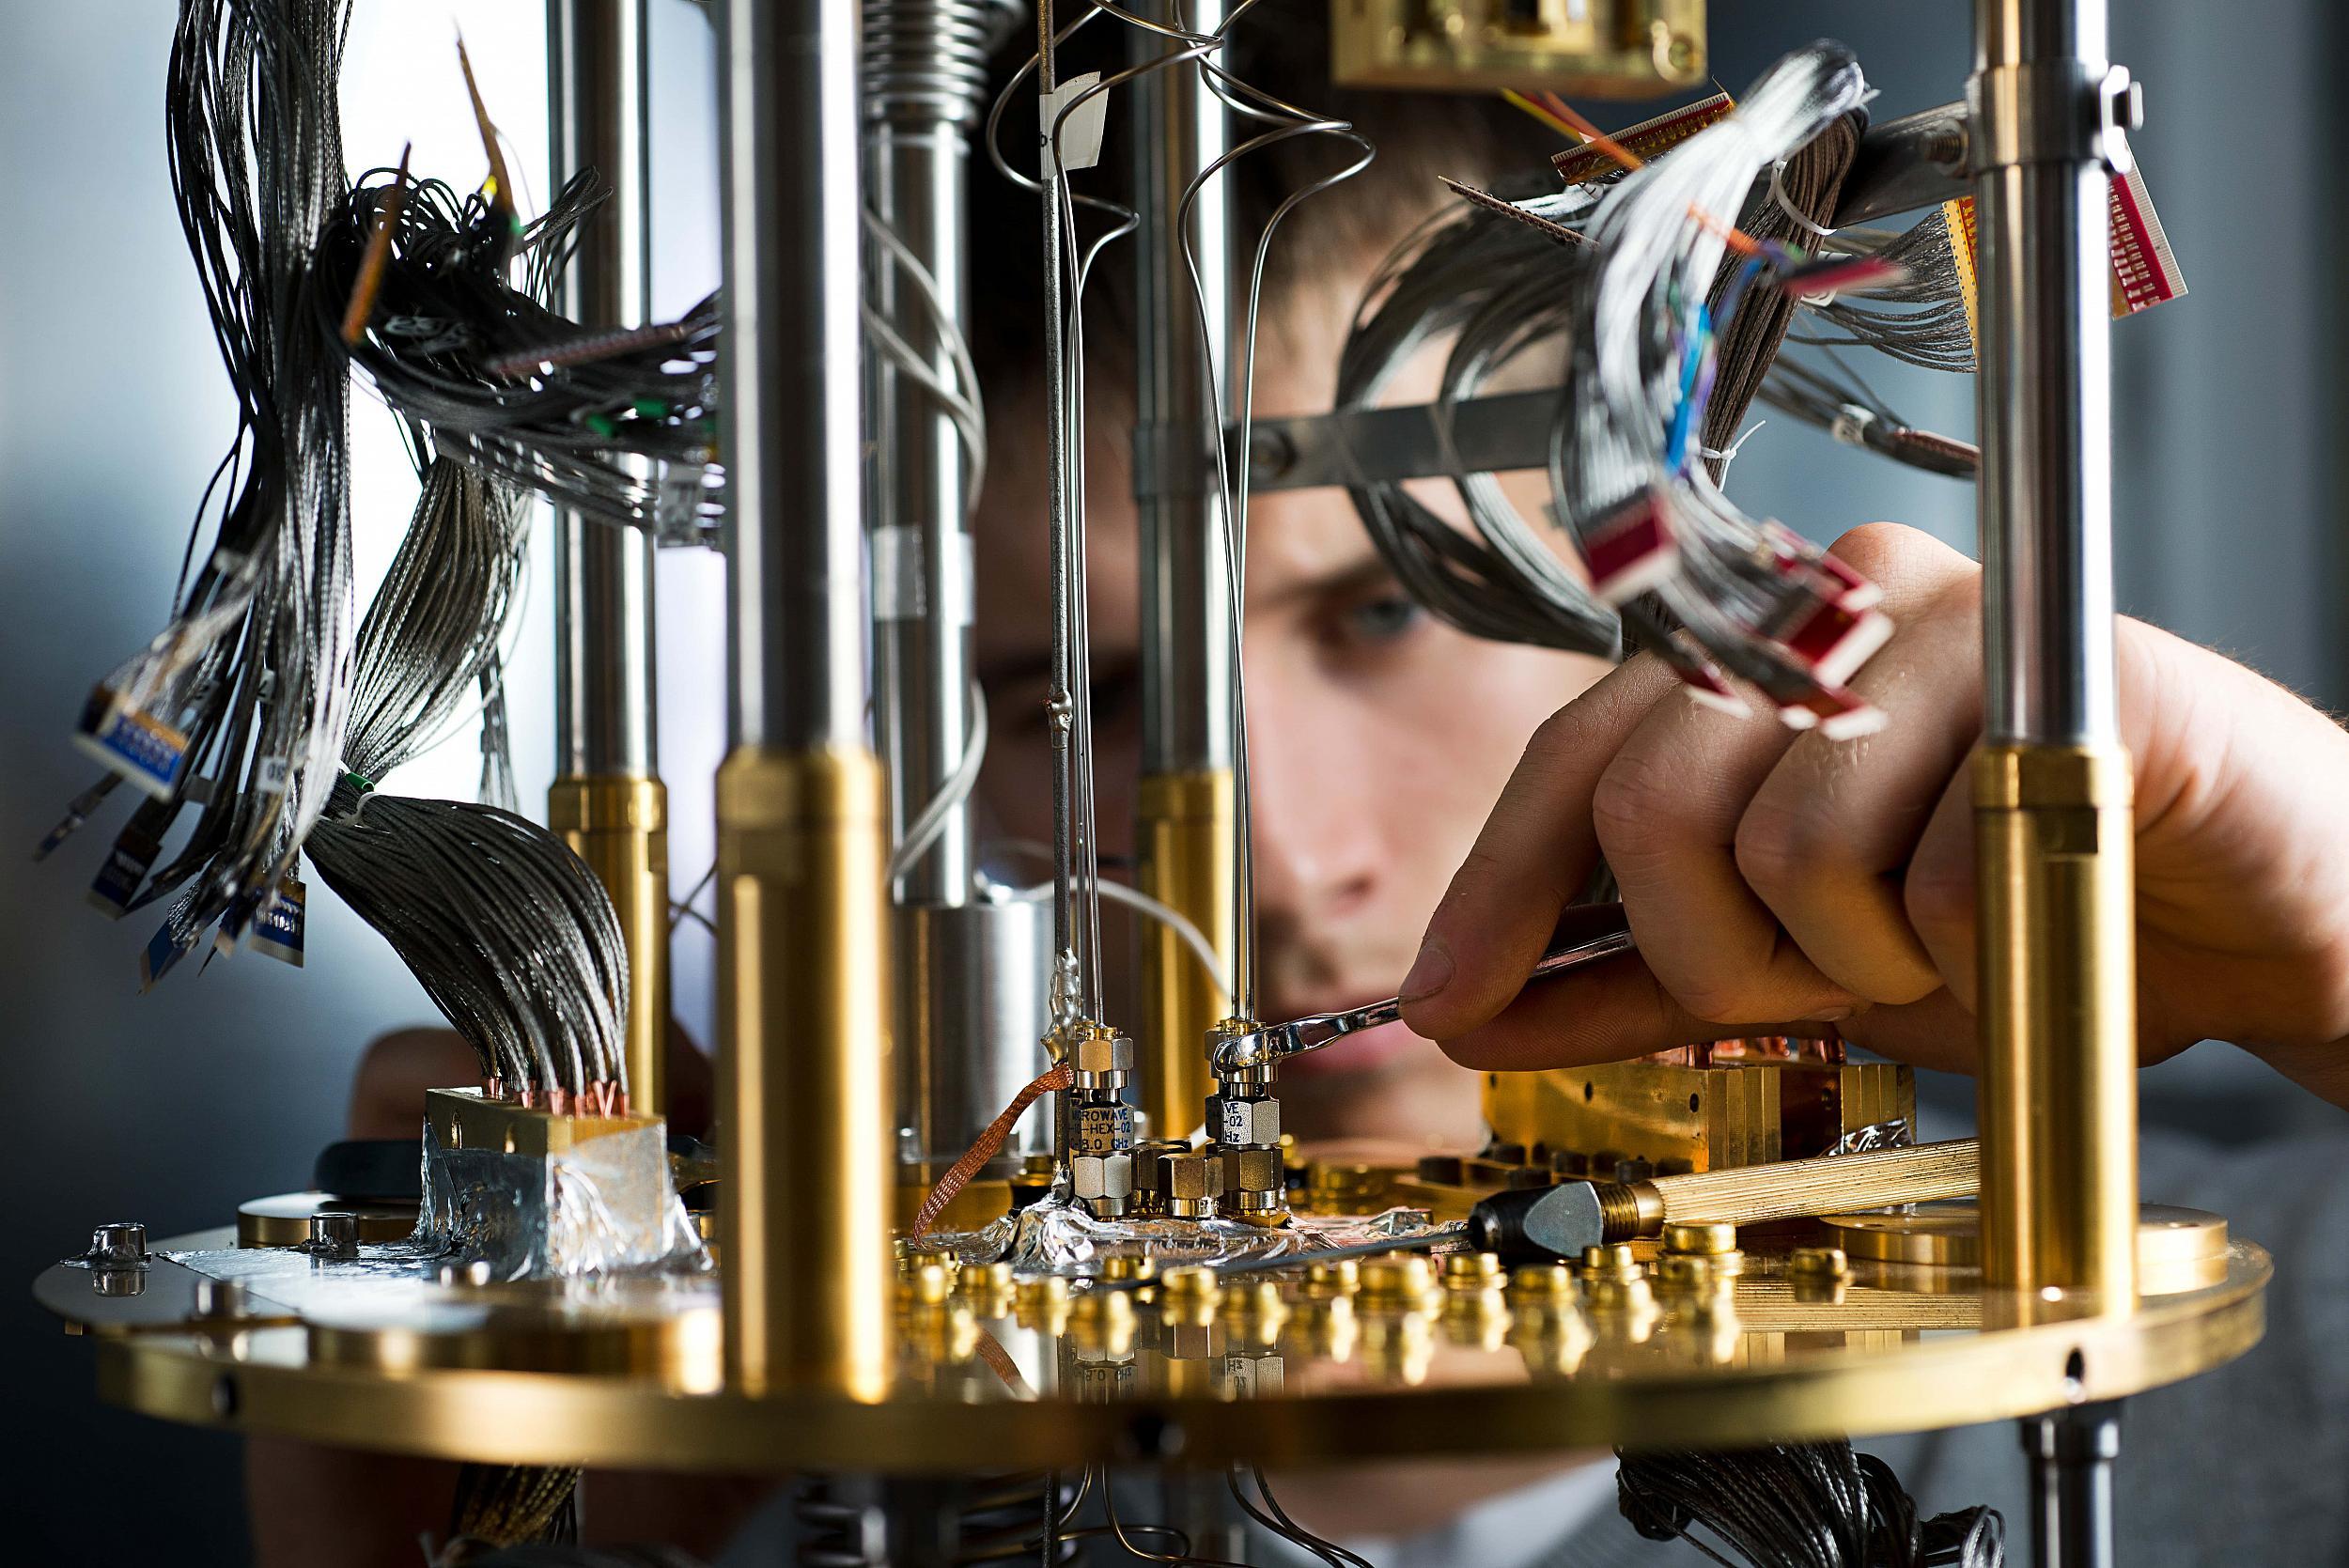 Sind Quantencomputer tot, lebendig oder beides zugleich?